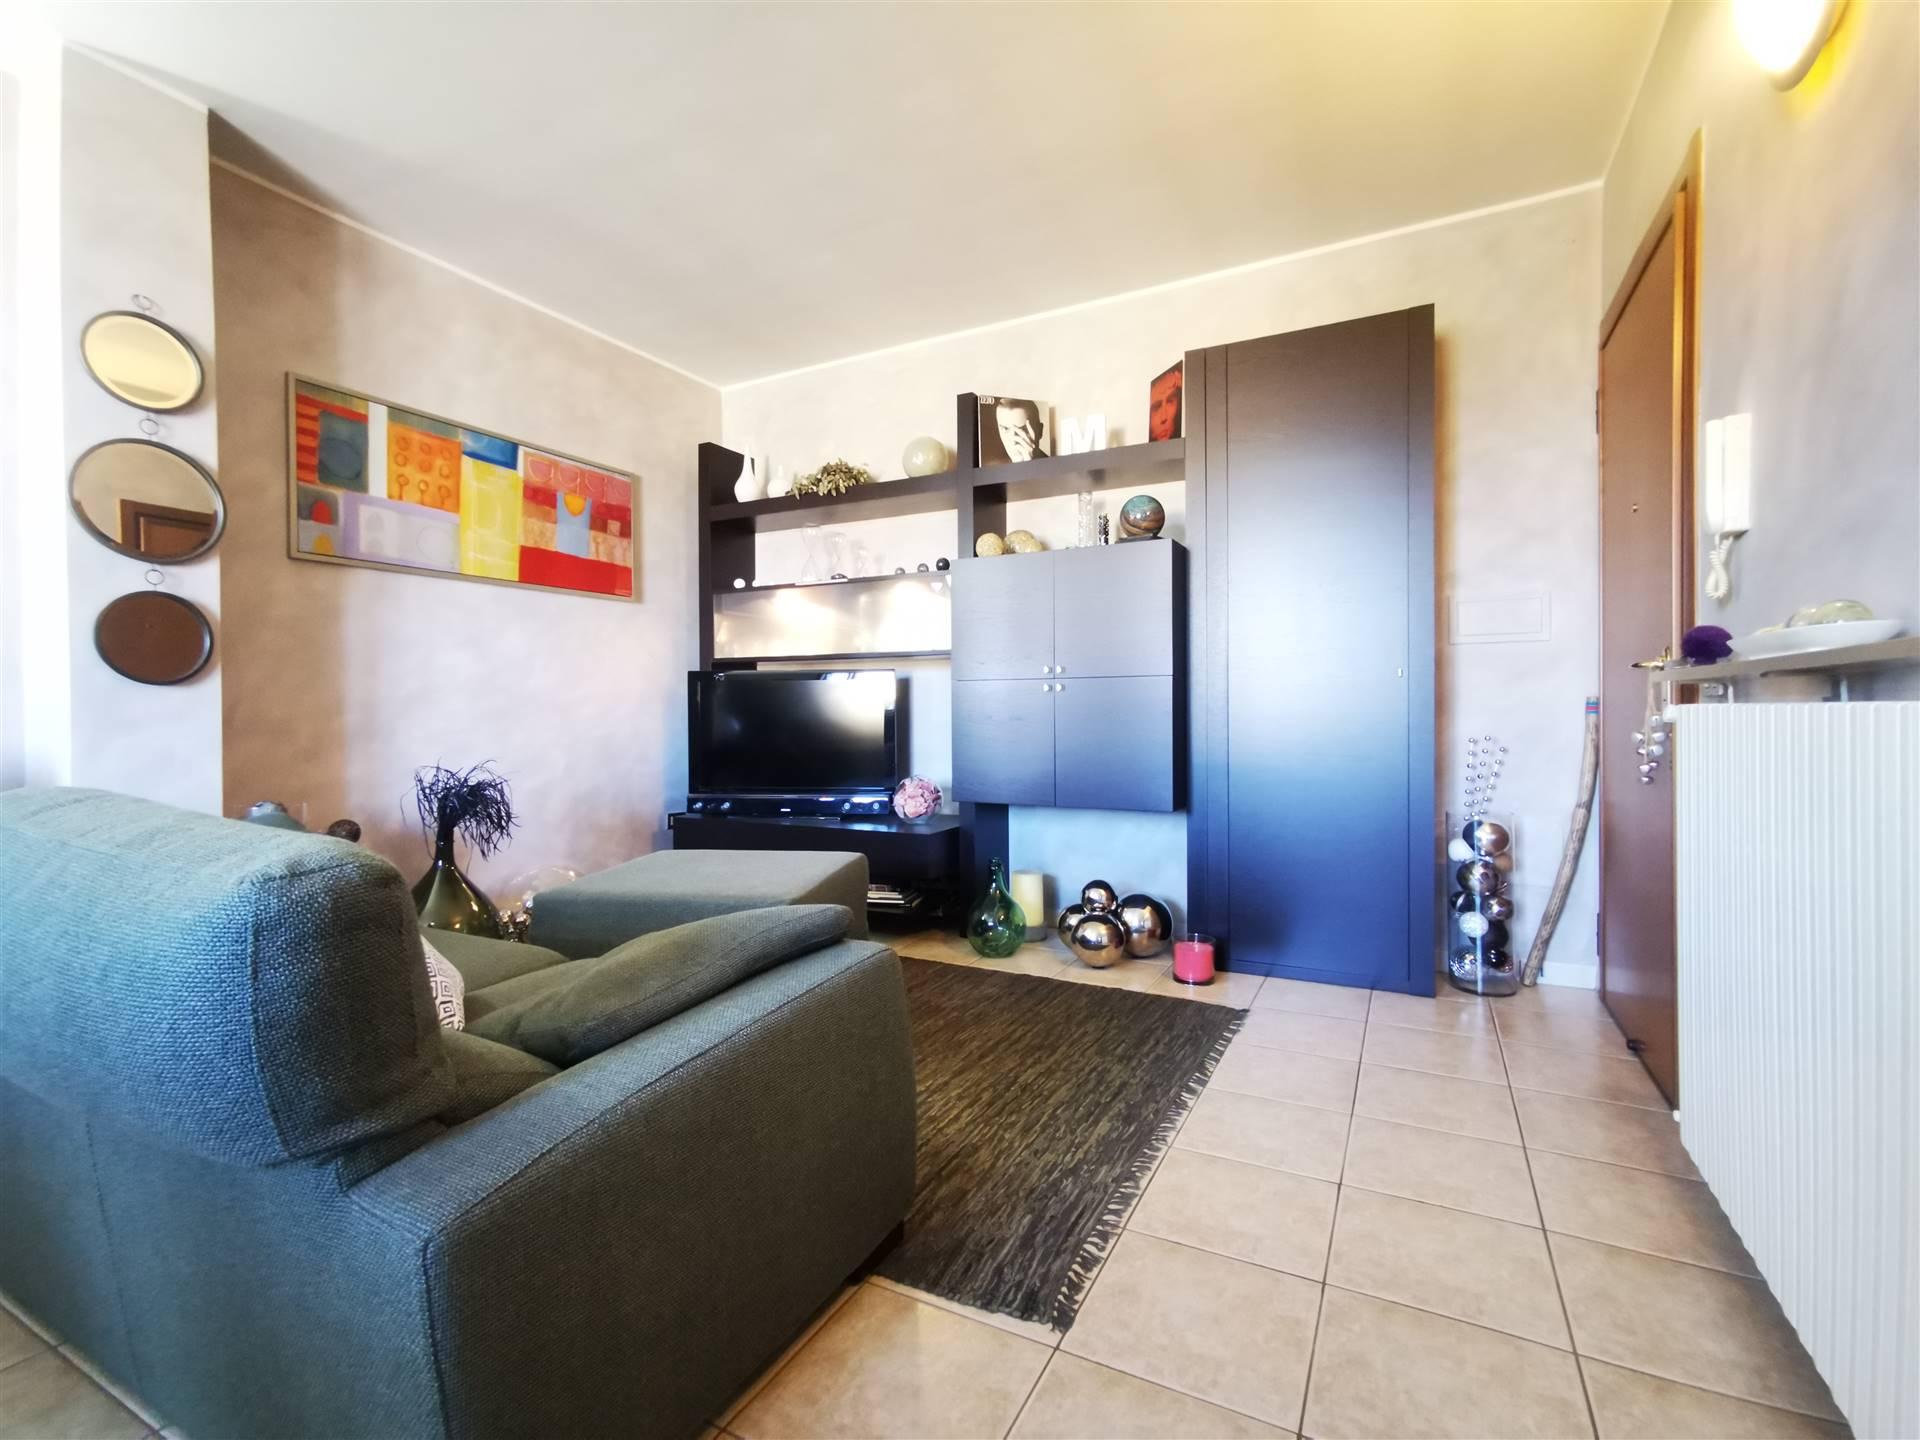 Appartamento in vendita a Dosolo, 3 locali, prezzo € 88.000   CambioCasa.it